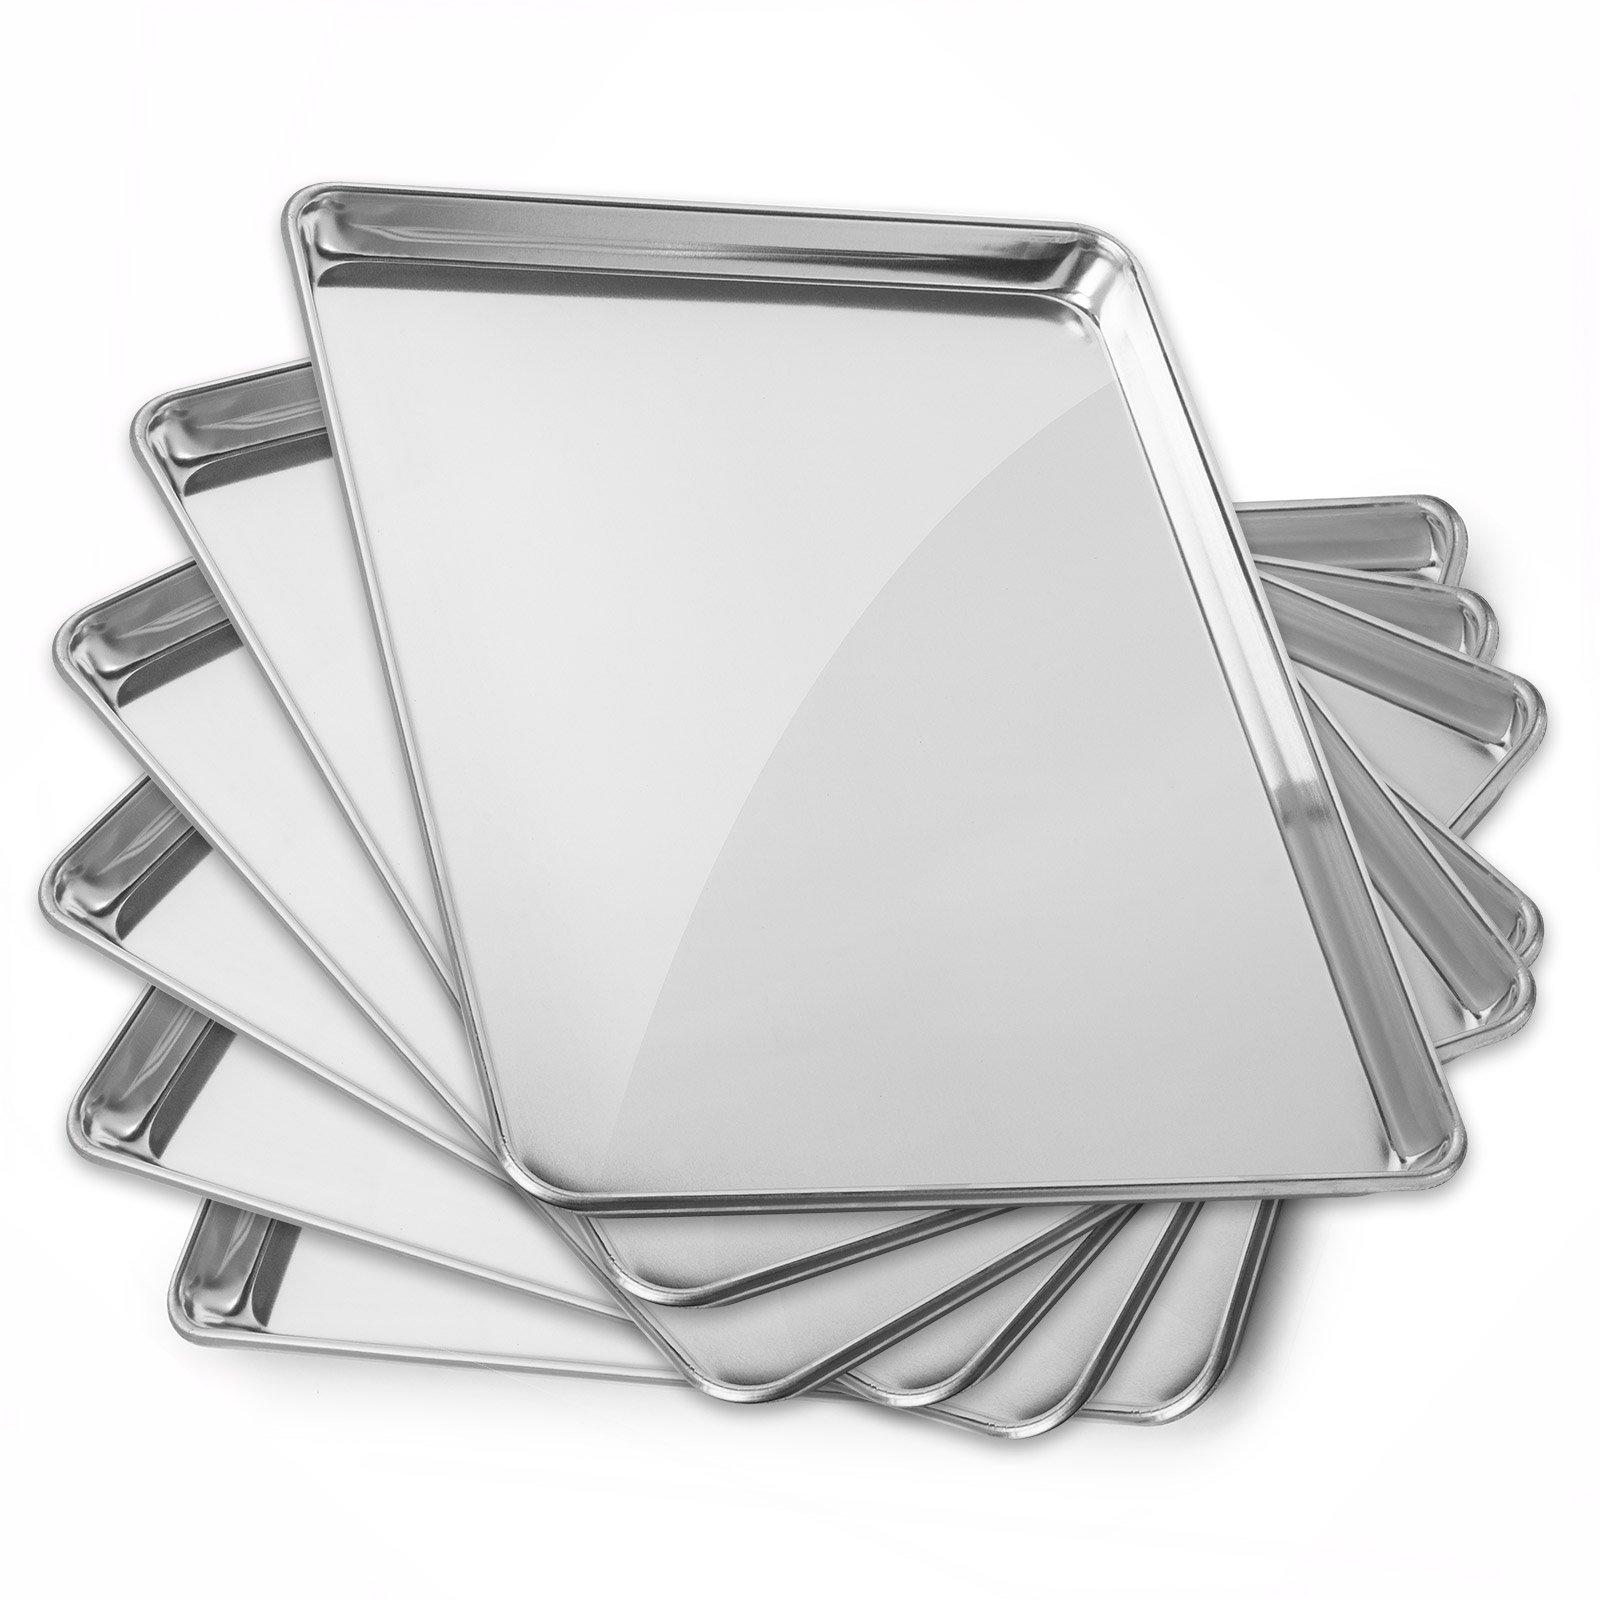 Gridmann 15'' x 21'' Commercial Grade Aluminium Cookie Sheet Baking Tray Pan Three Quarter Sheet - 6 Pans